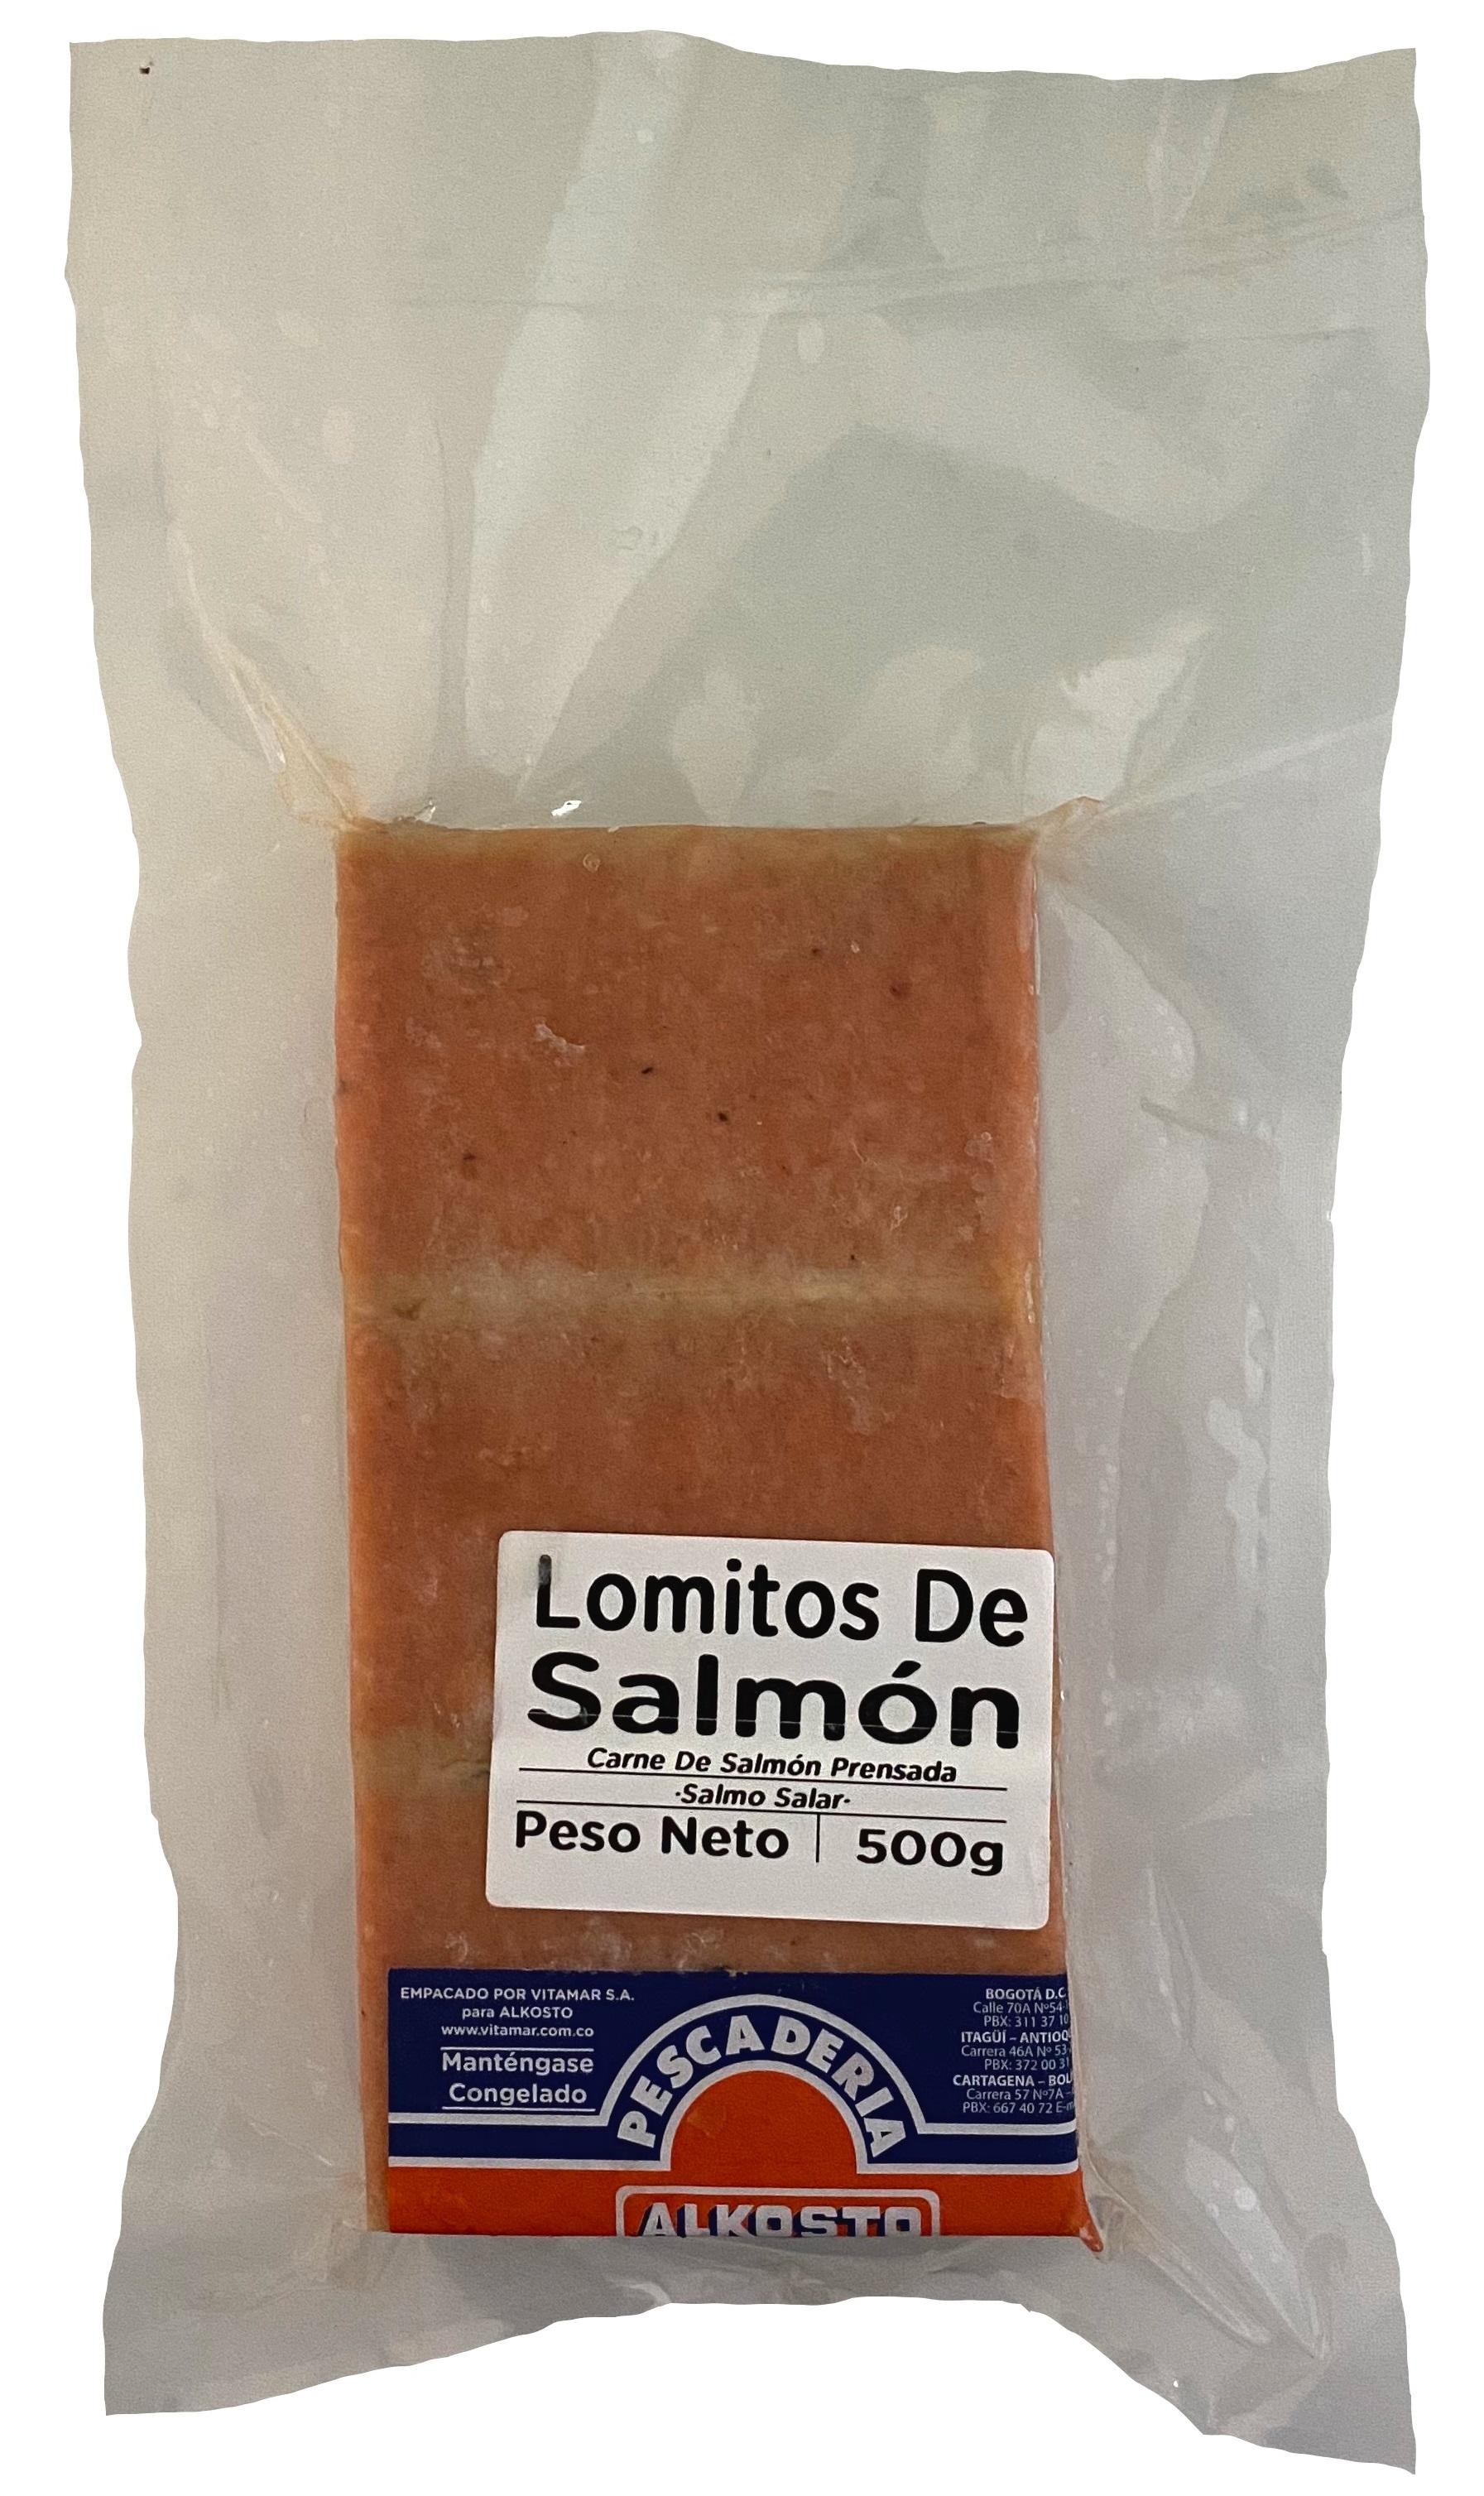 Lomito de Salmón Alkosto 500g